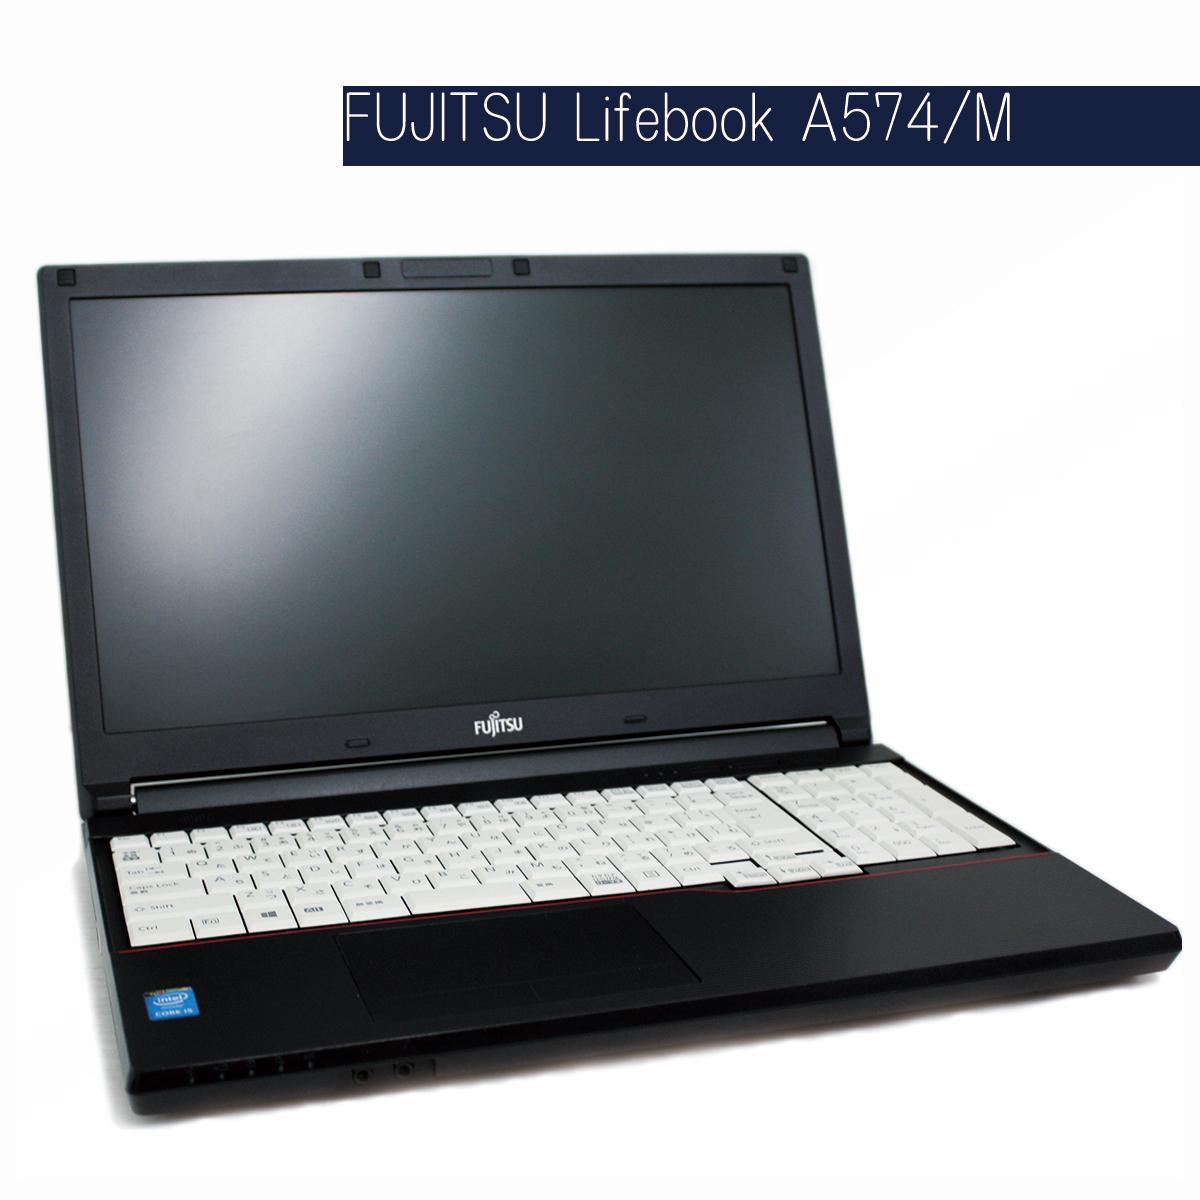 FUJITSU A574/M Core i5-4310M(Win10Pro)